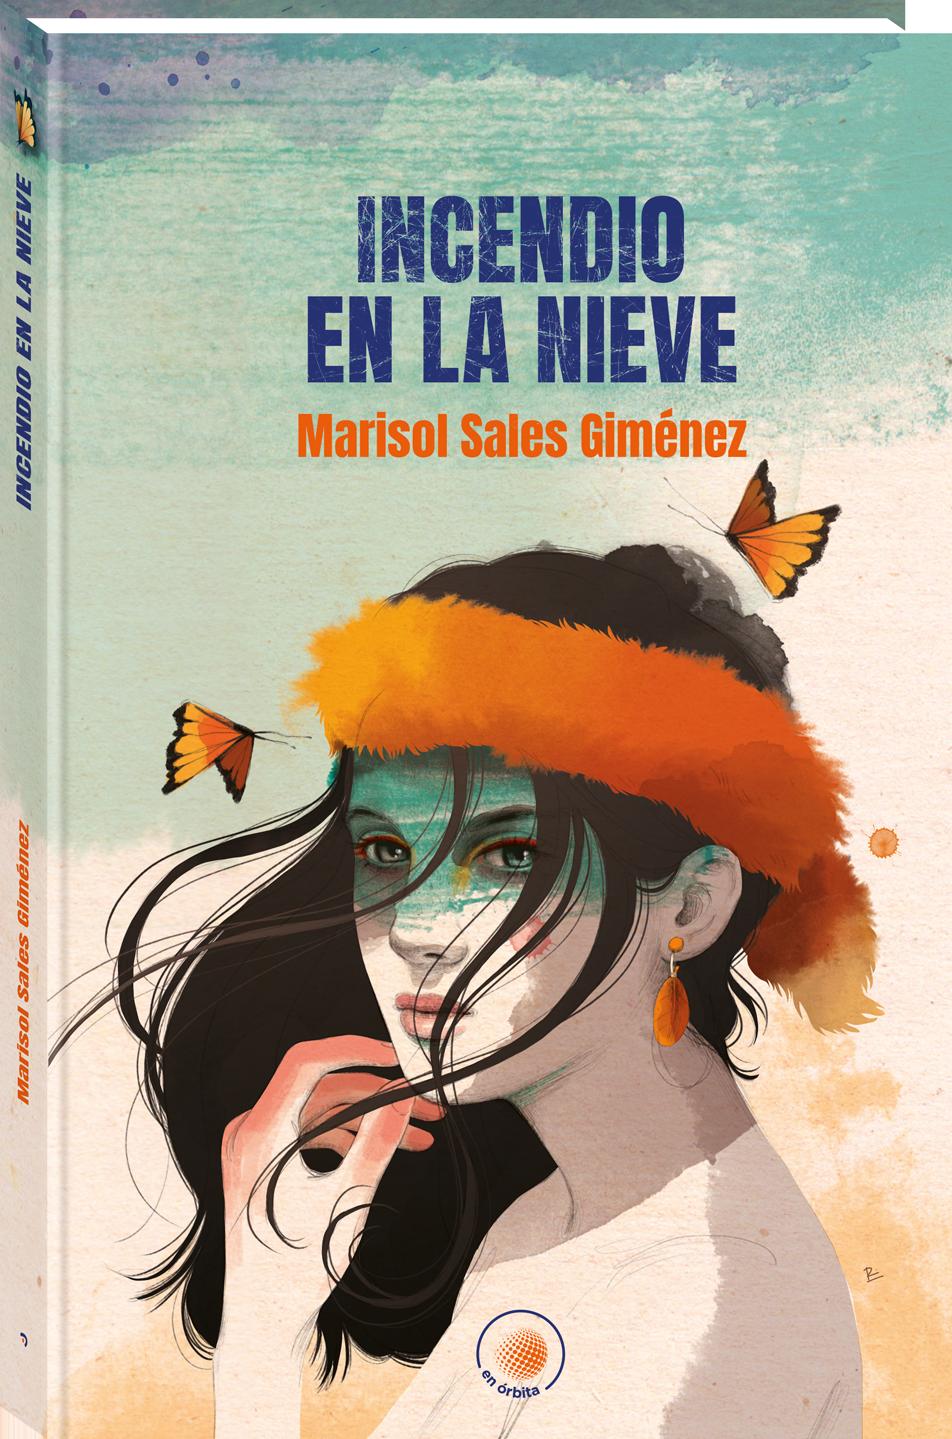 Marisol Sales